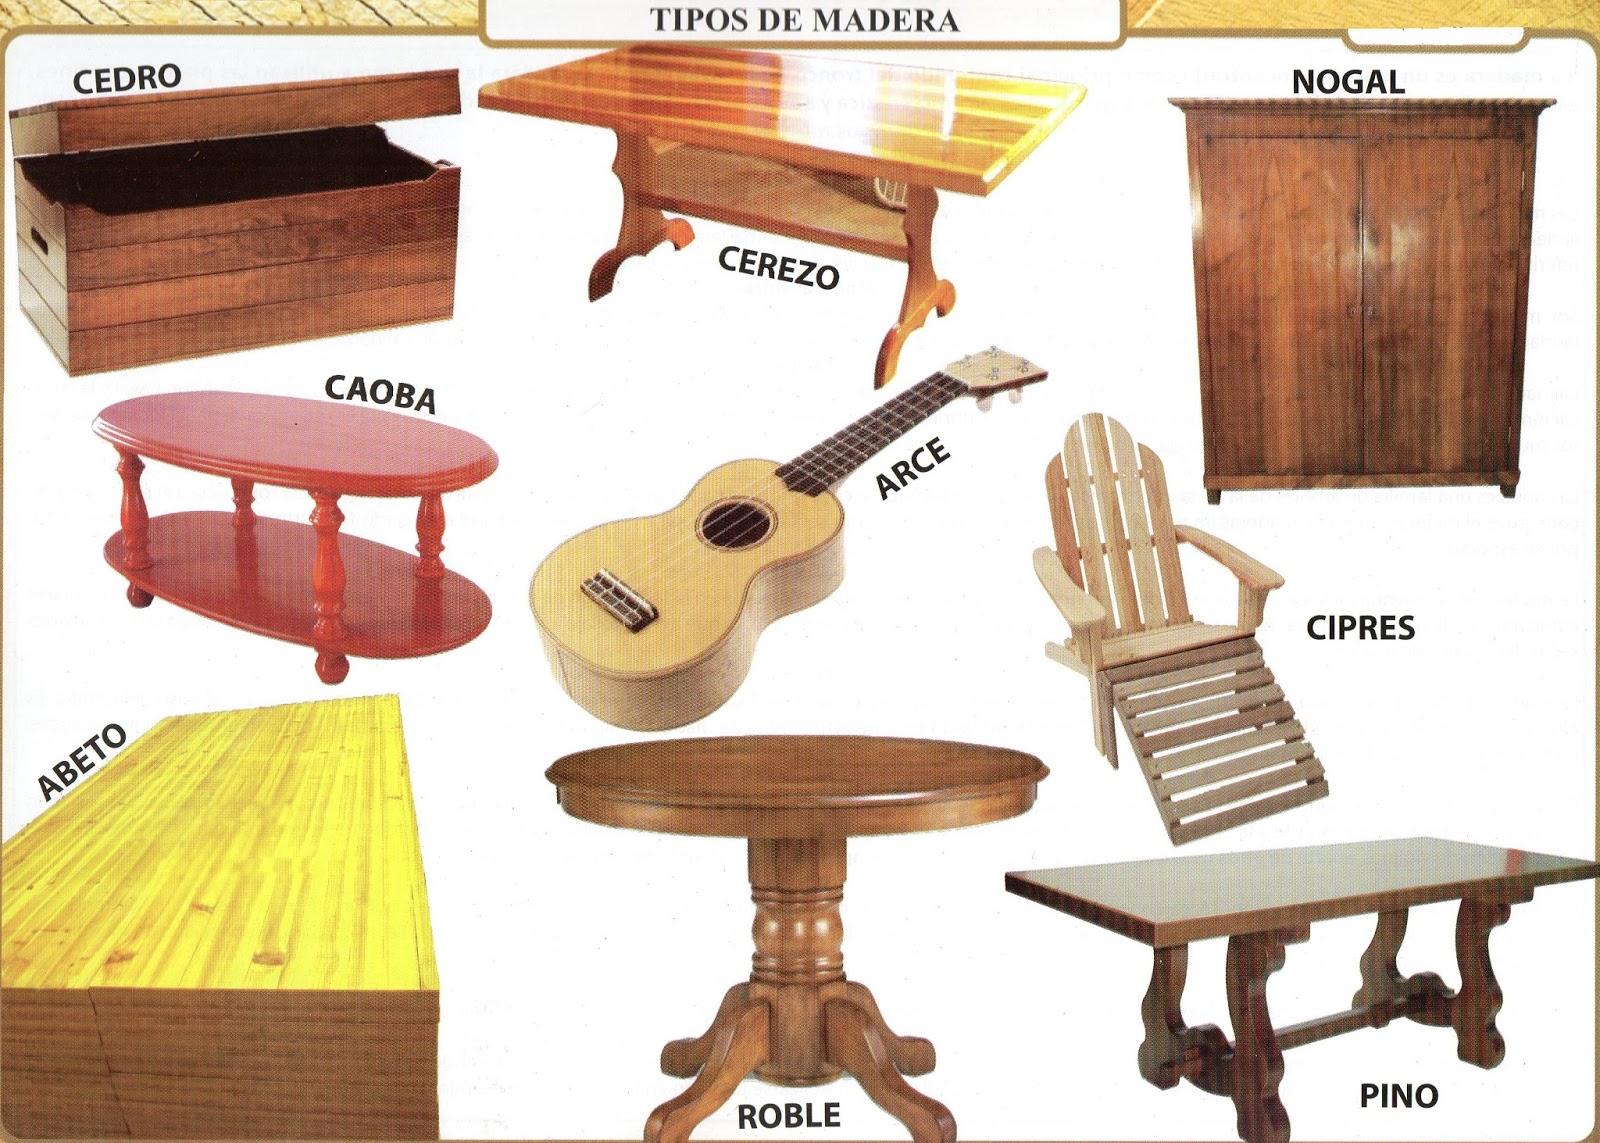 Hondu Tareas Las Tareas De Honduras Tipos De Madera Y Su Utilidad # Foda Muebles De Madera